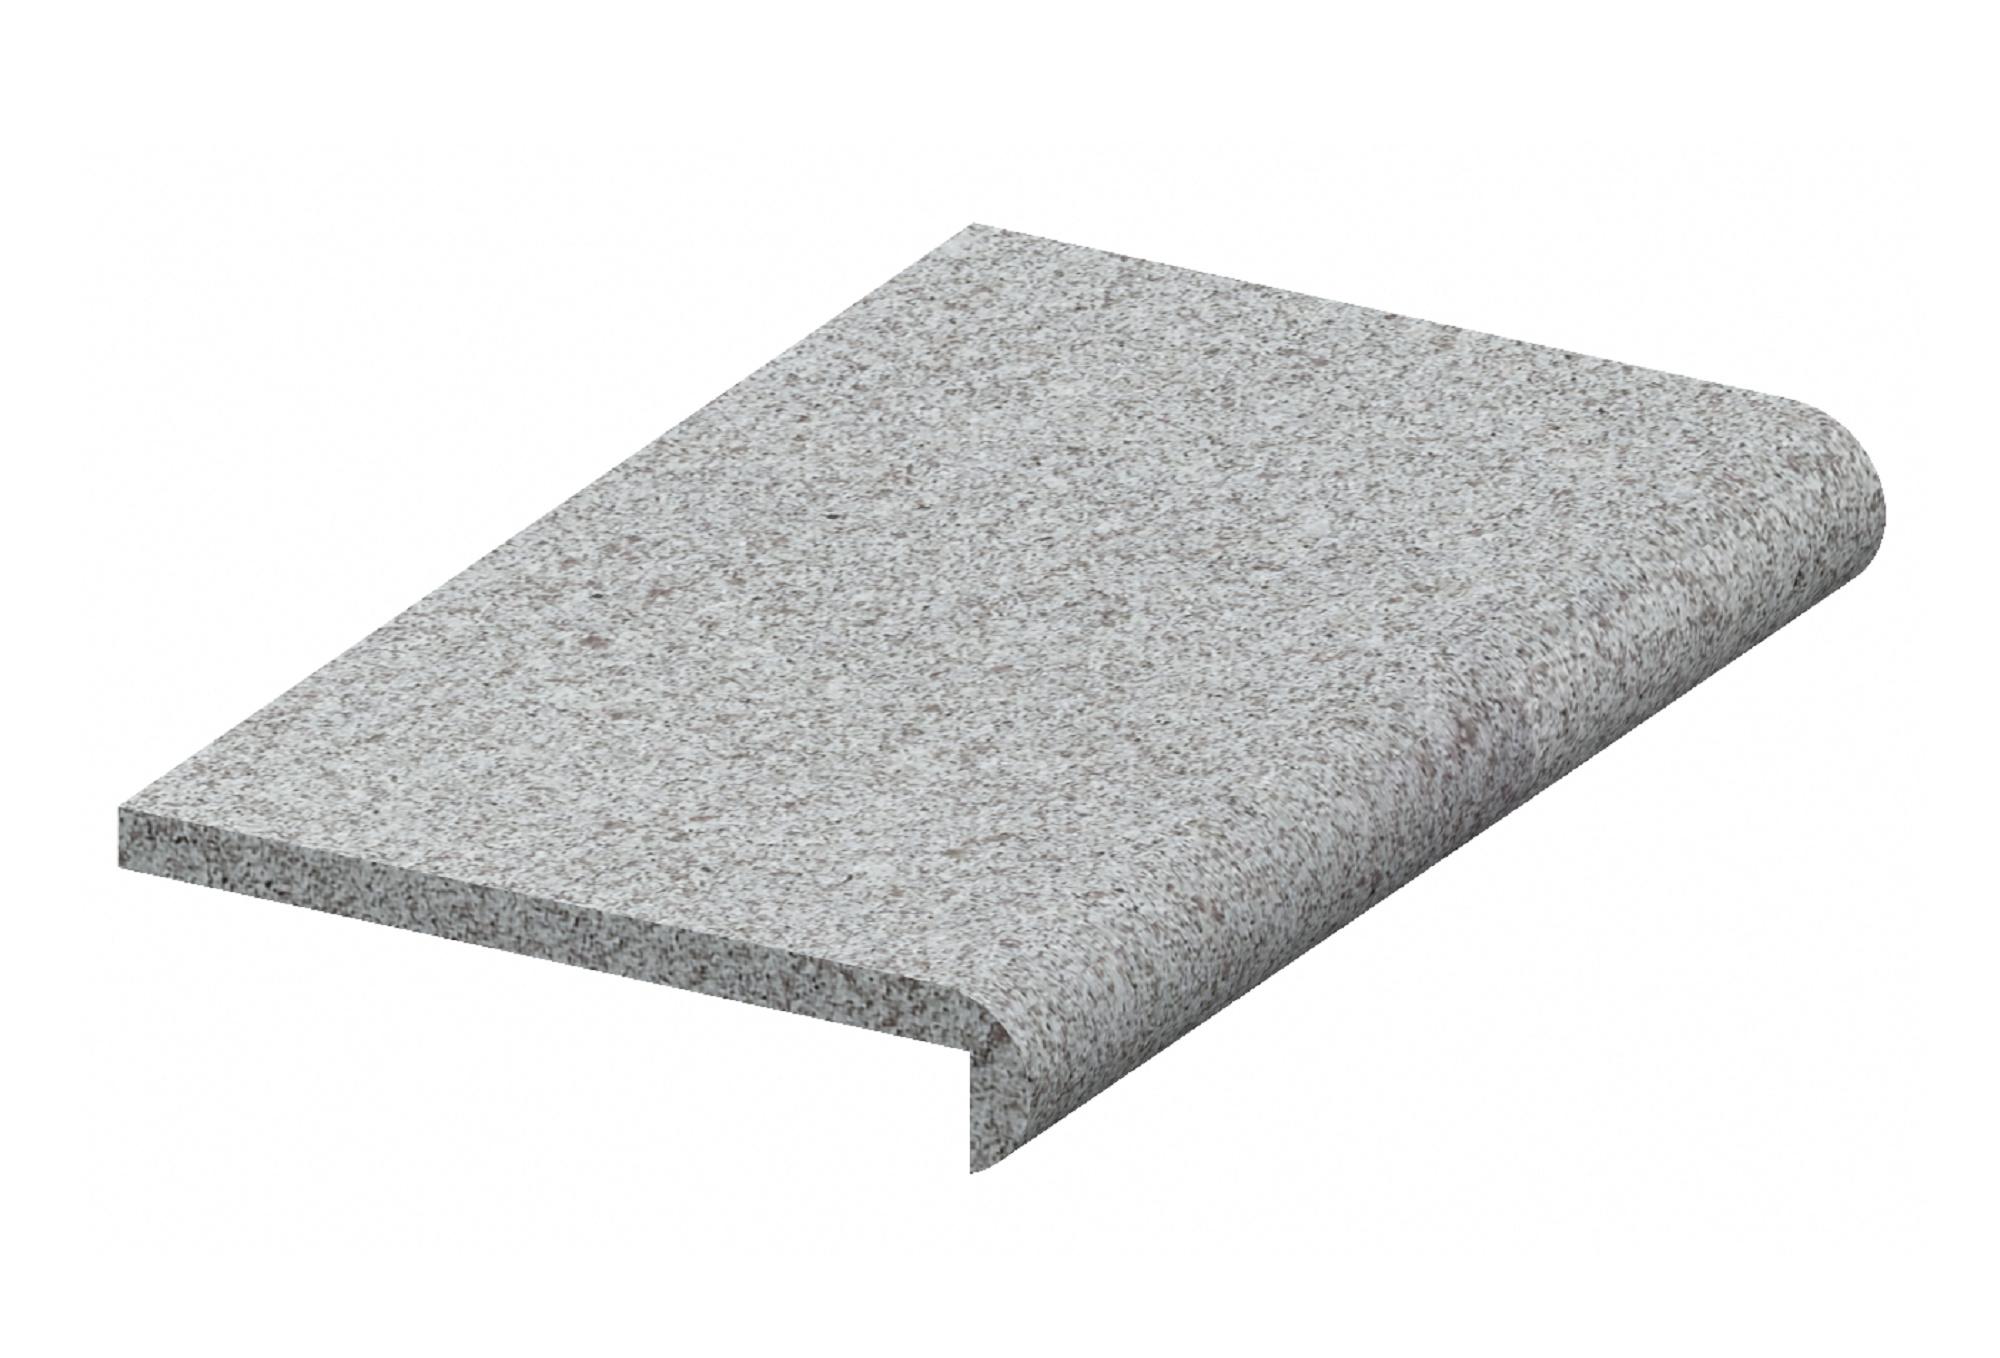 Granit beckenrandsteine